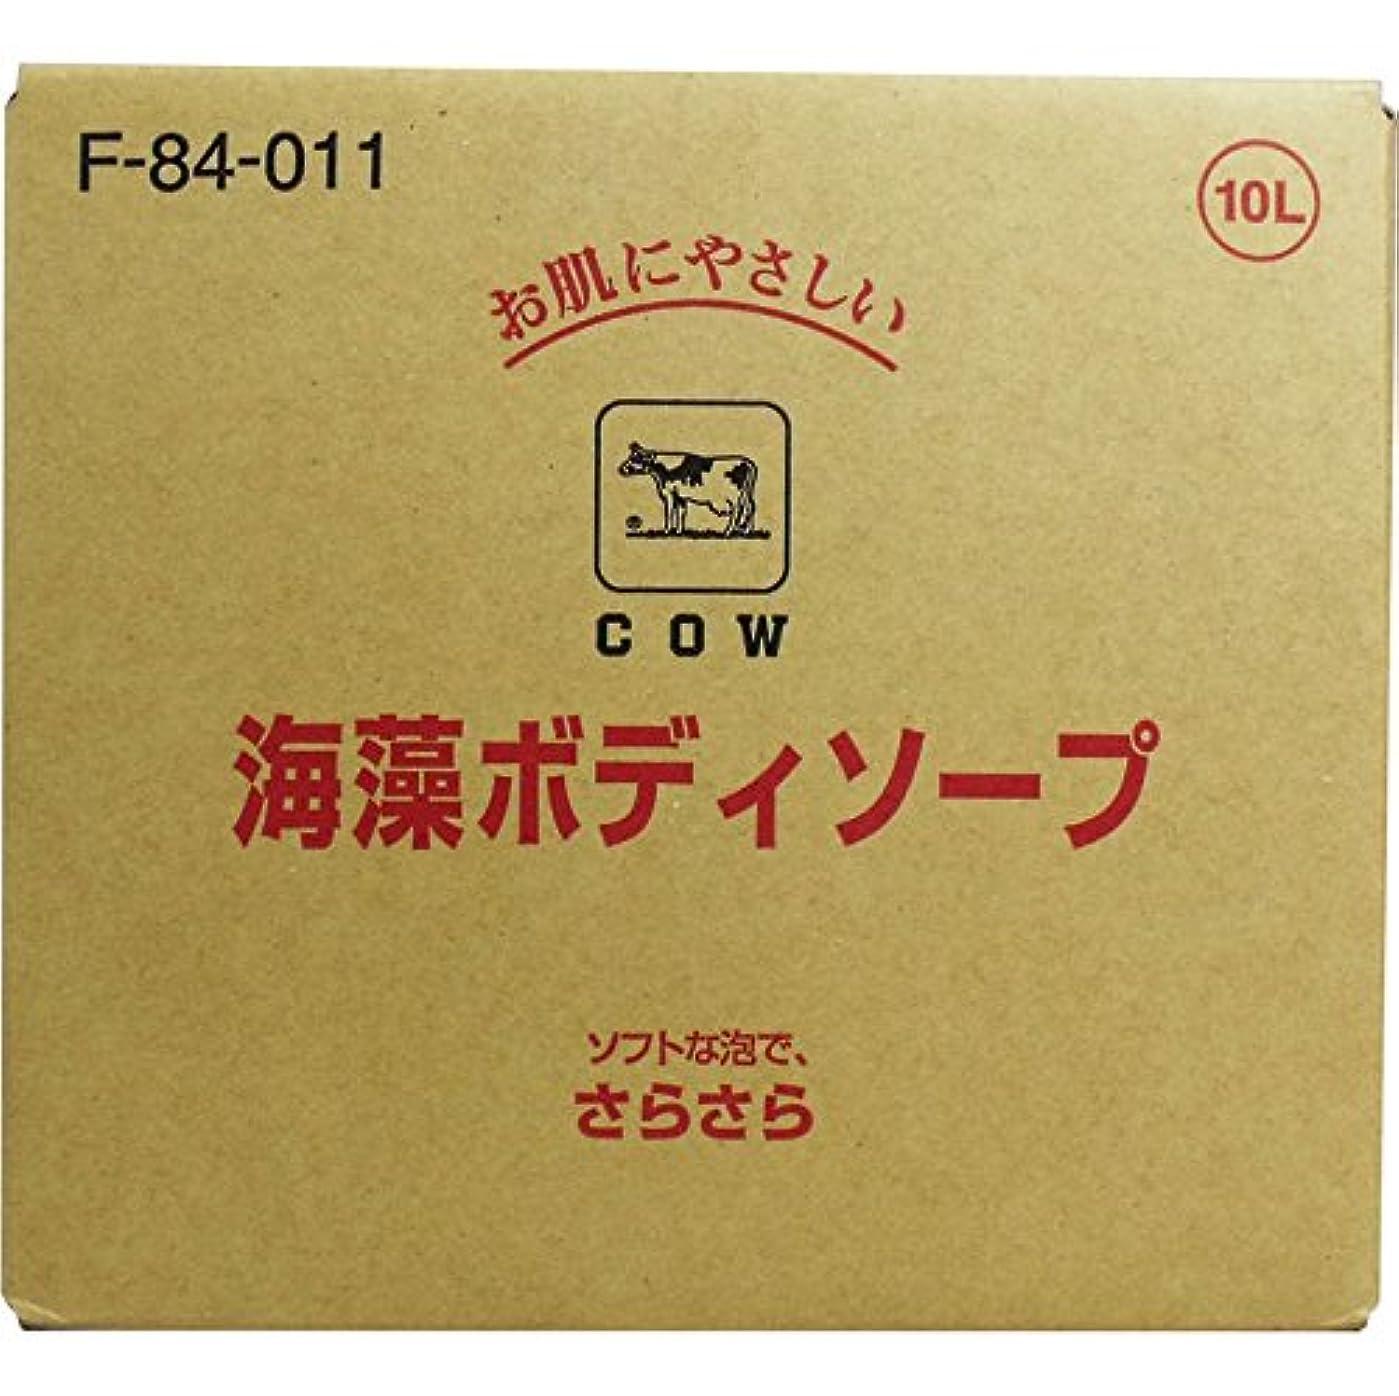 リベラル一口重なるボディ 石けん詰め替え さらさらした洗い心地 便利商品 牛乳ブランド 海藻ボディソープ 業務用 10L